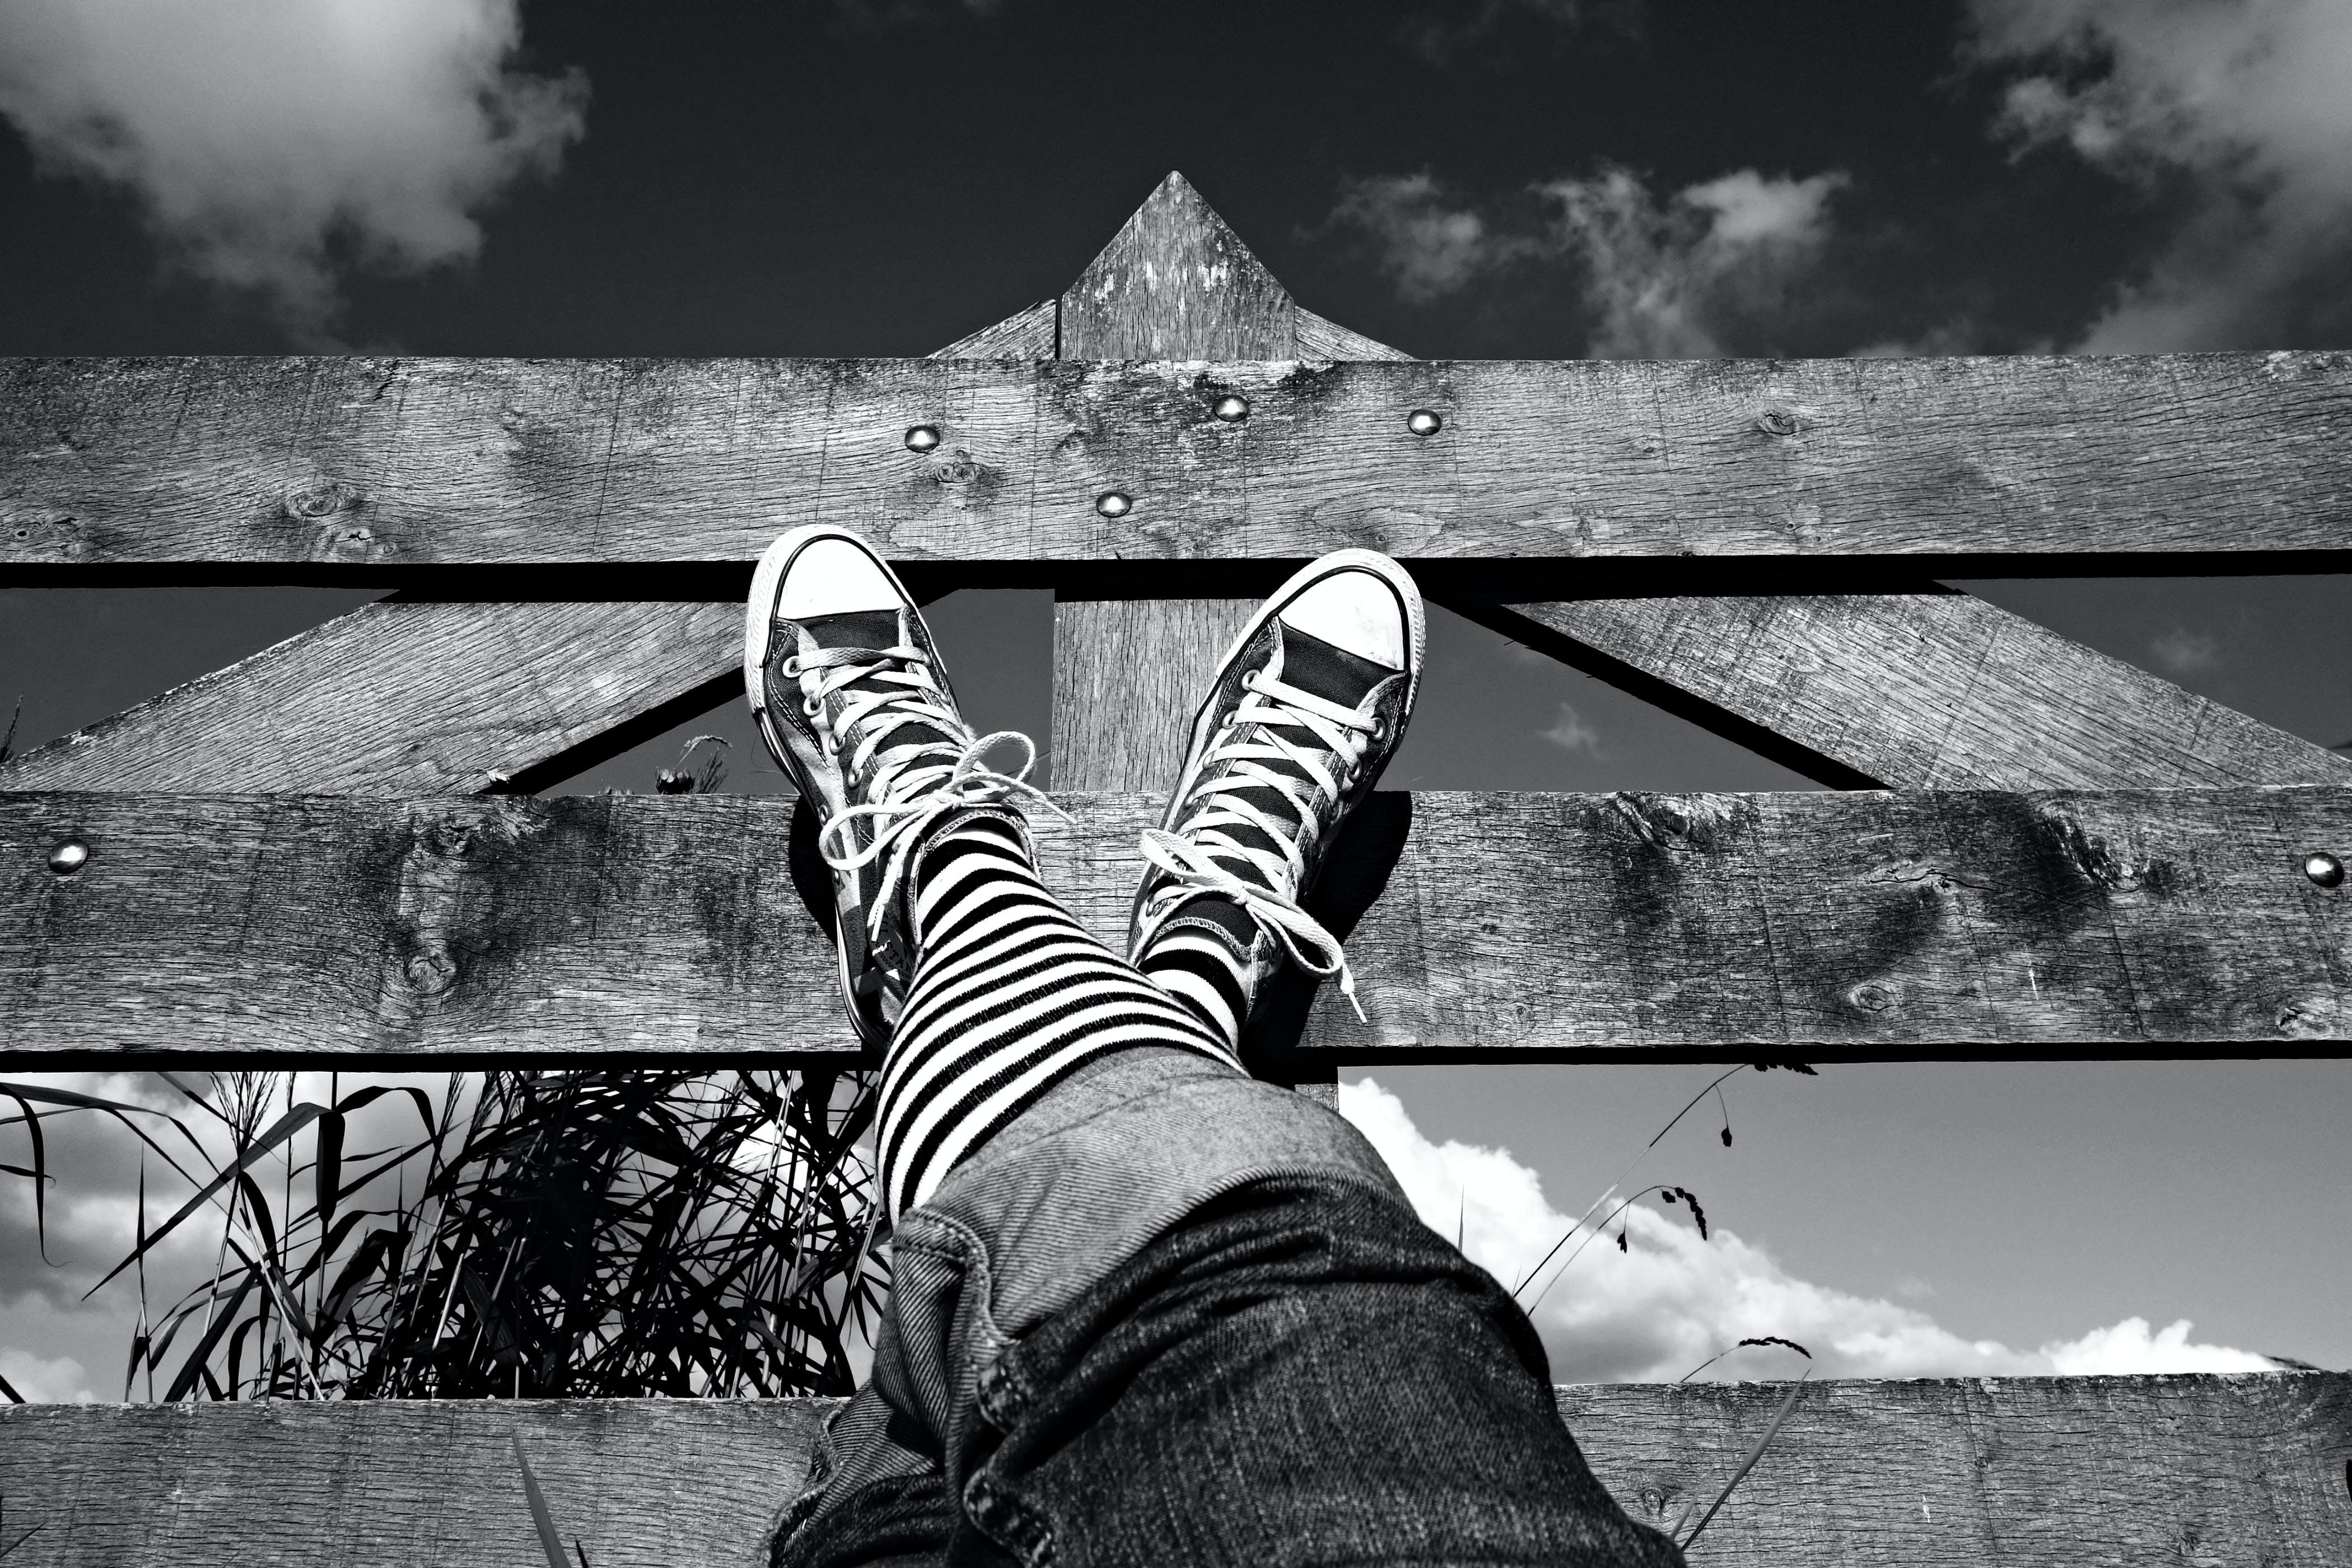 くつろぐ, のんびり, ジーンズ, スタイルの無料の写真素材